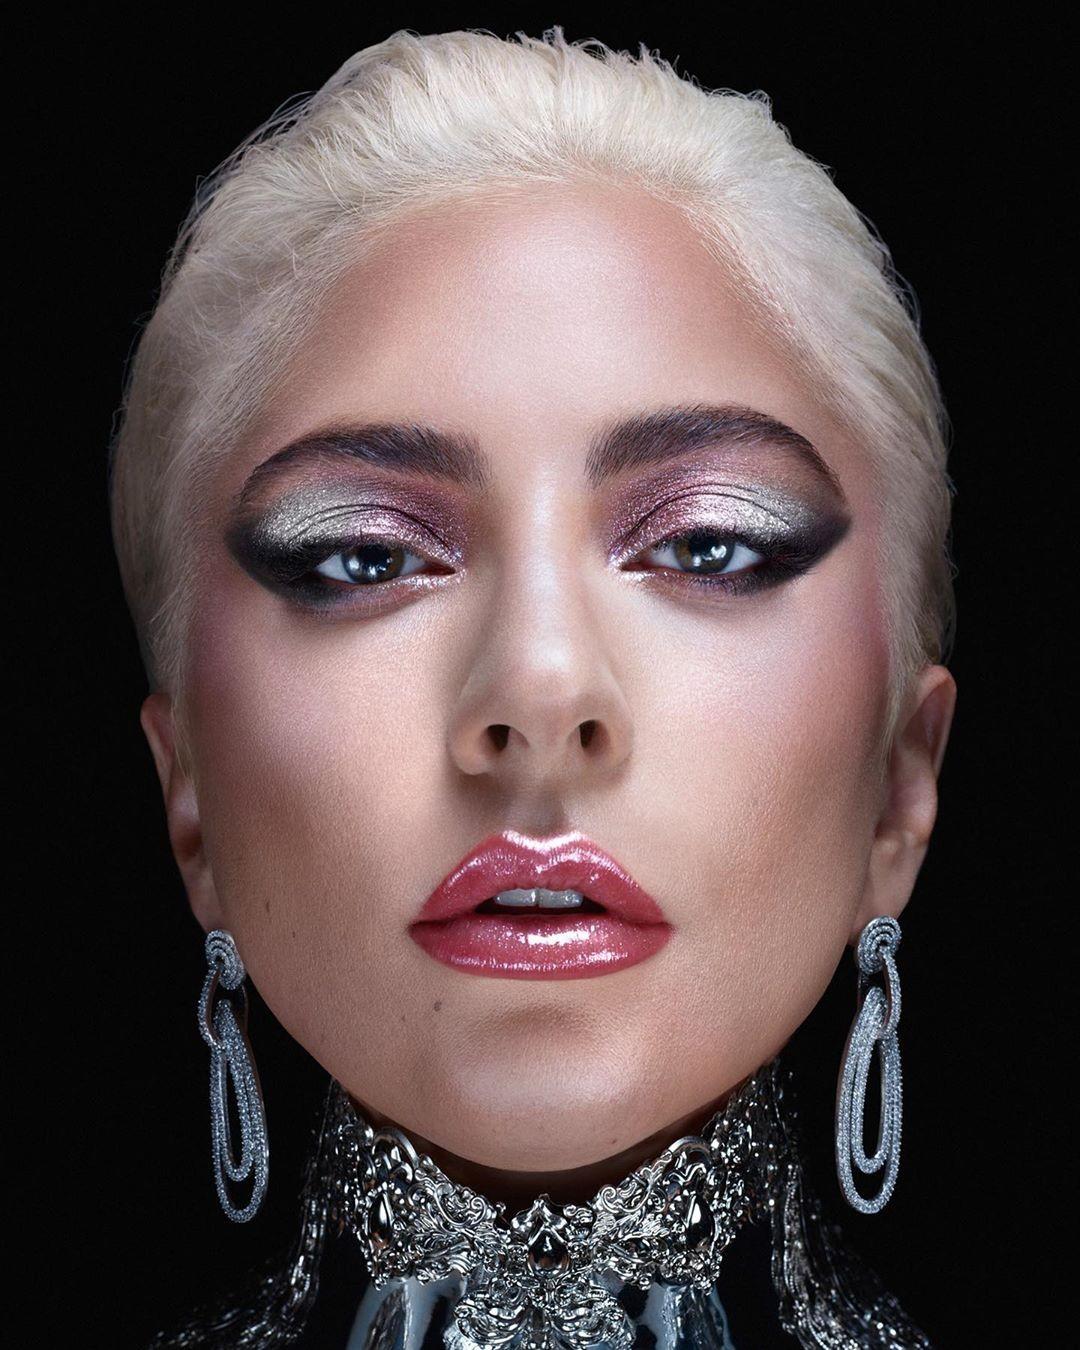 It's True: Lady Gaga's Beauty Brand Is Finally Here